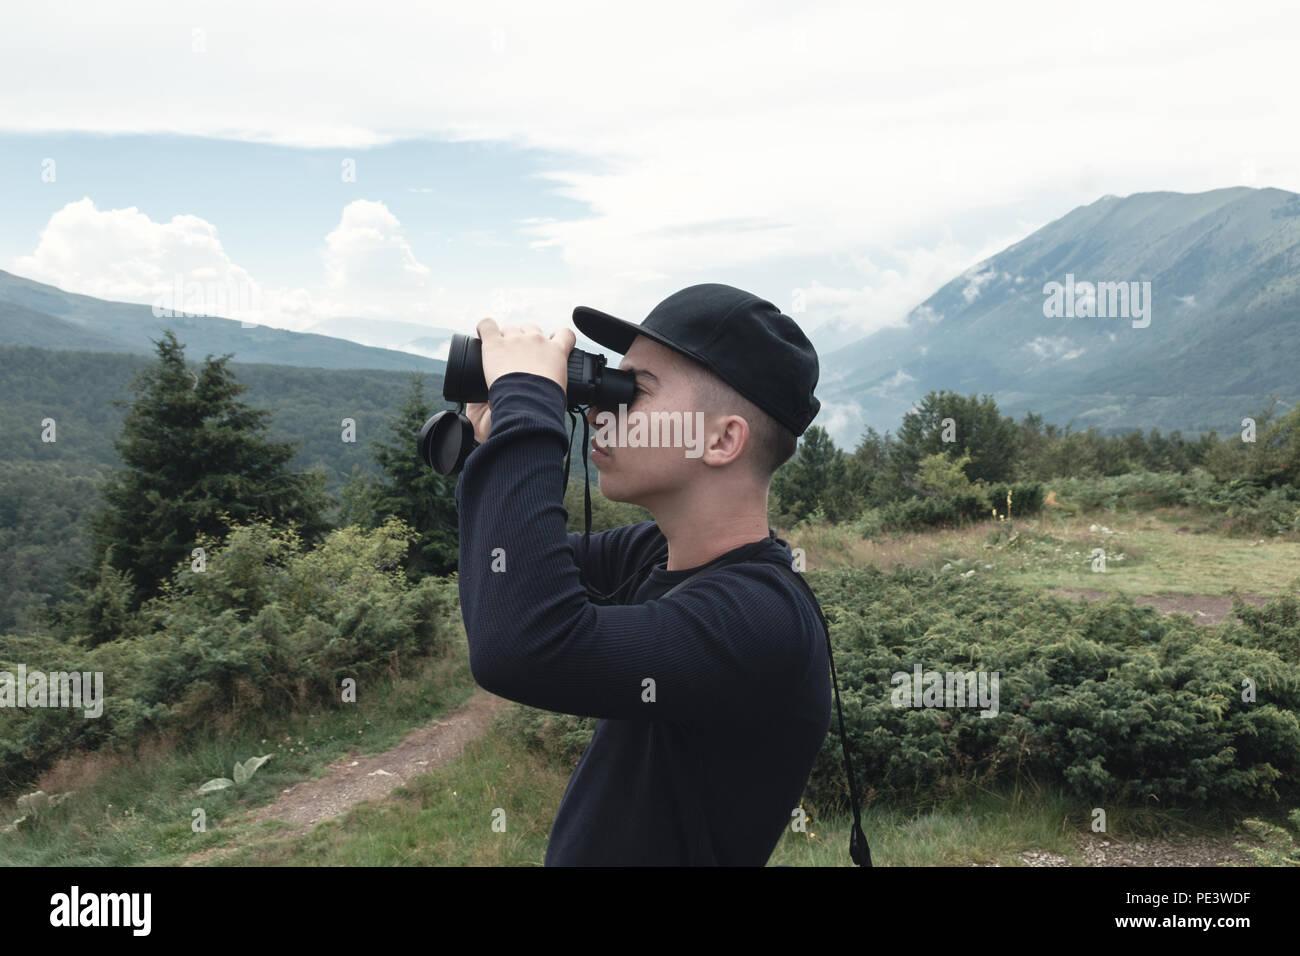 Wanderer blick durch ein fernglas vor der hügel und berge